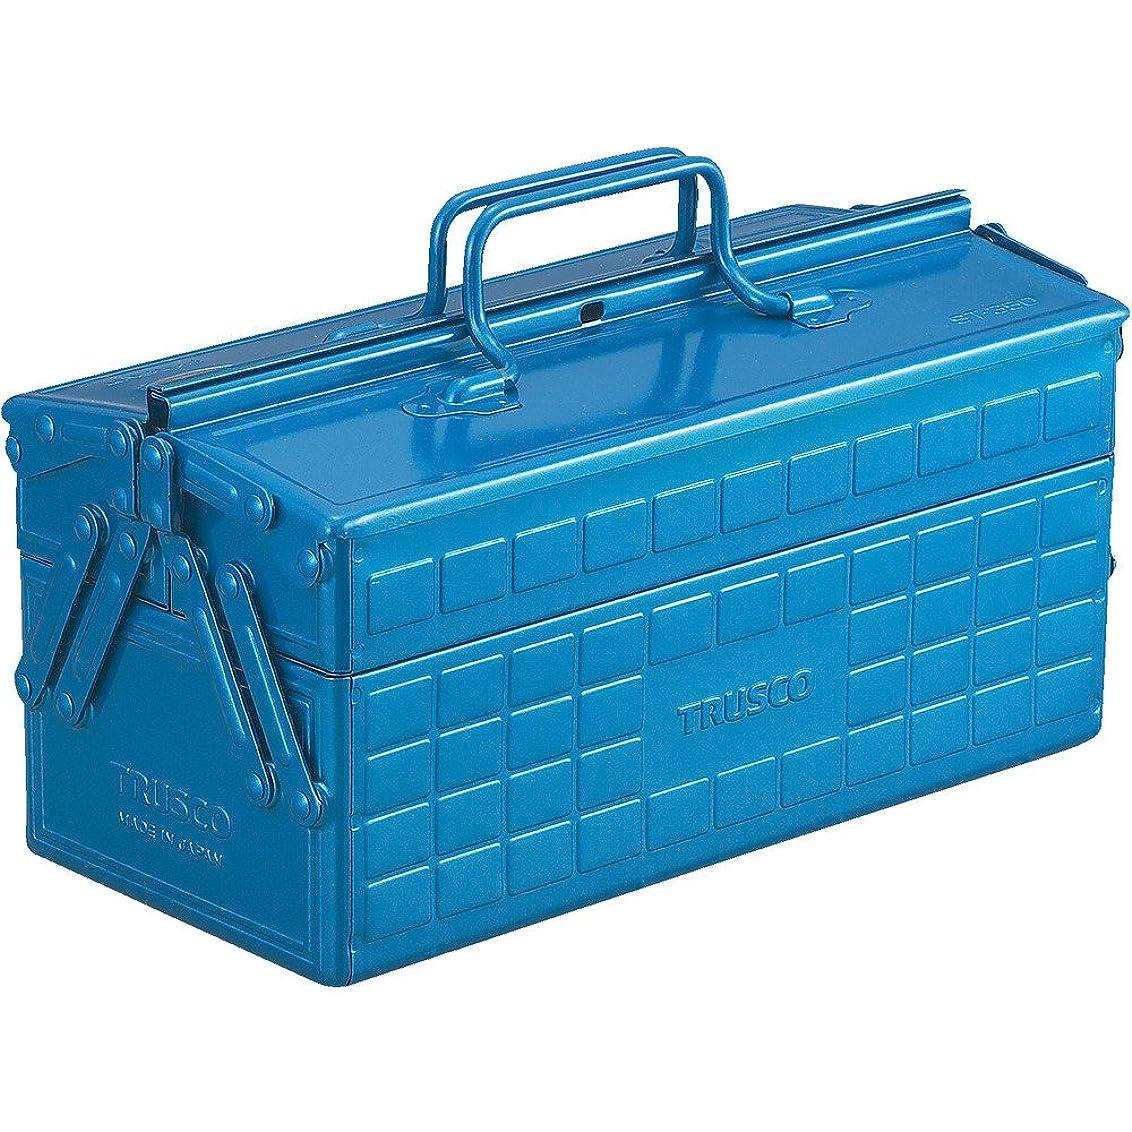 ポーチ艶ランドリーTRUSCO(トラスコ) 2段工具箱 350X160X215 ブルー ST-350-B